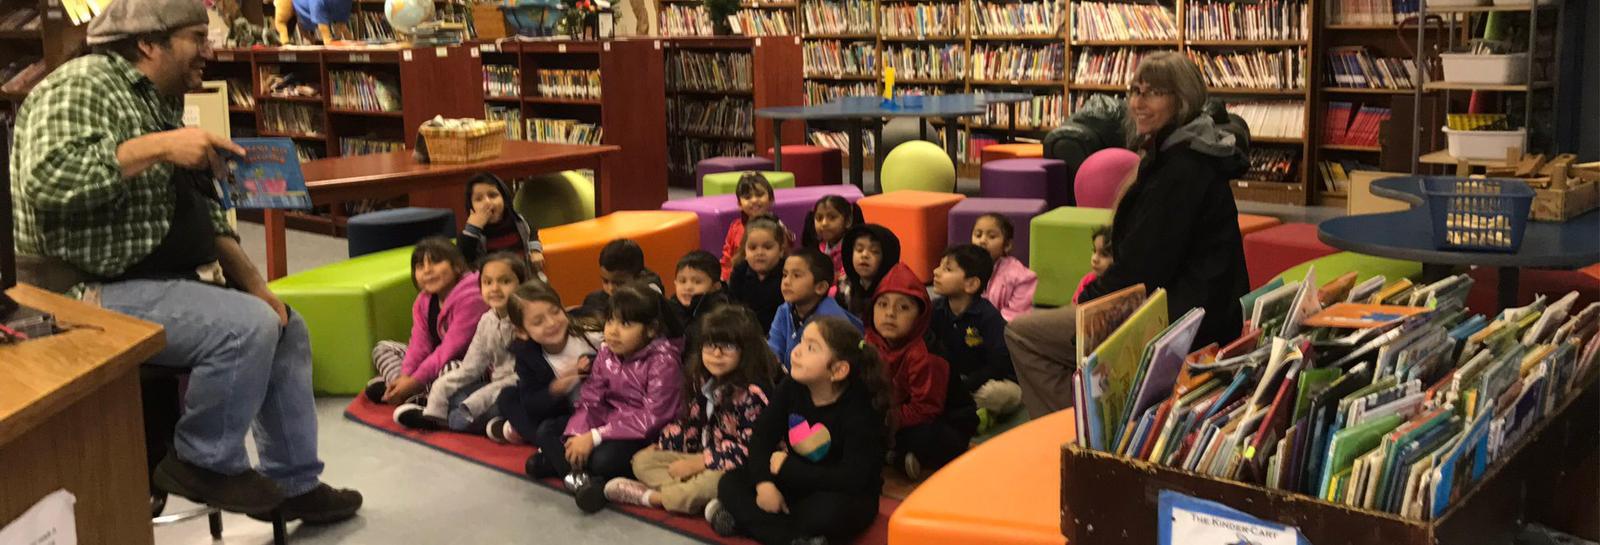 Philadelphia Elementary School